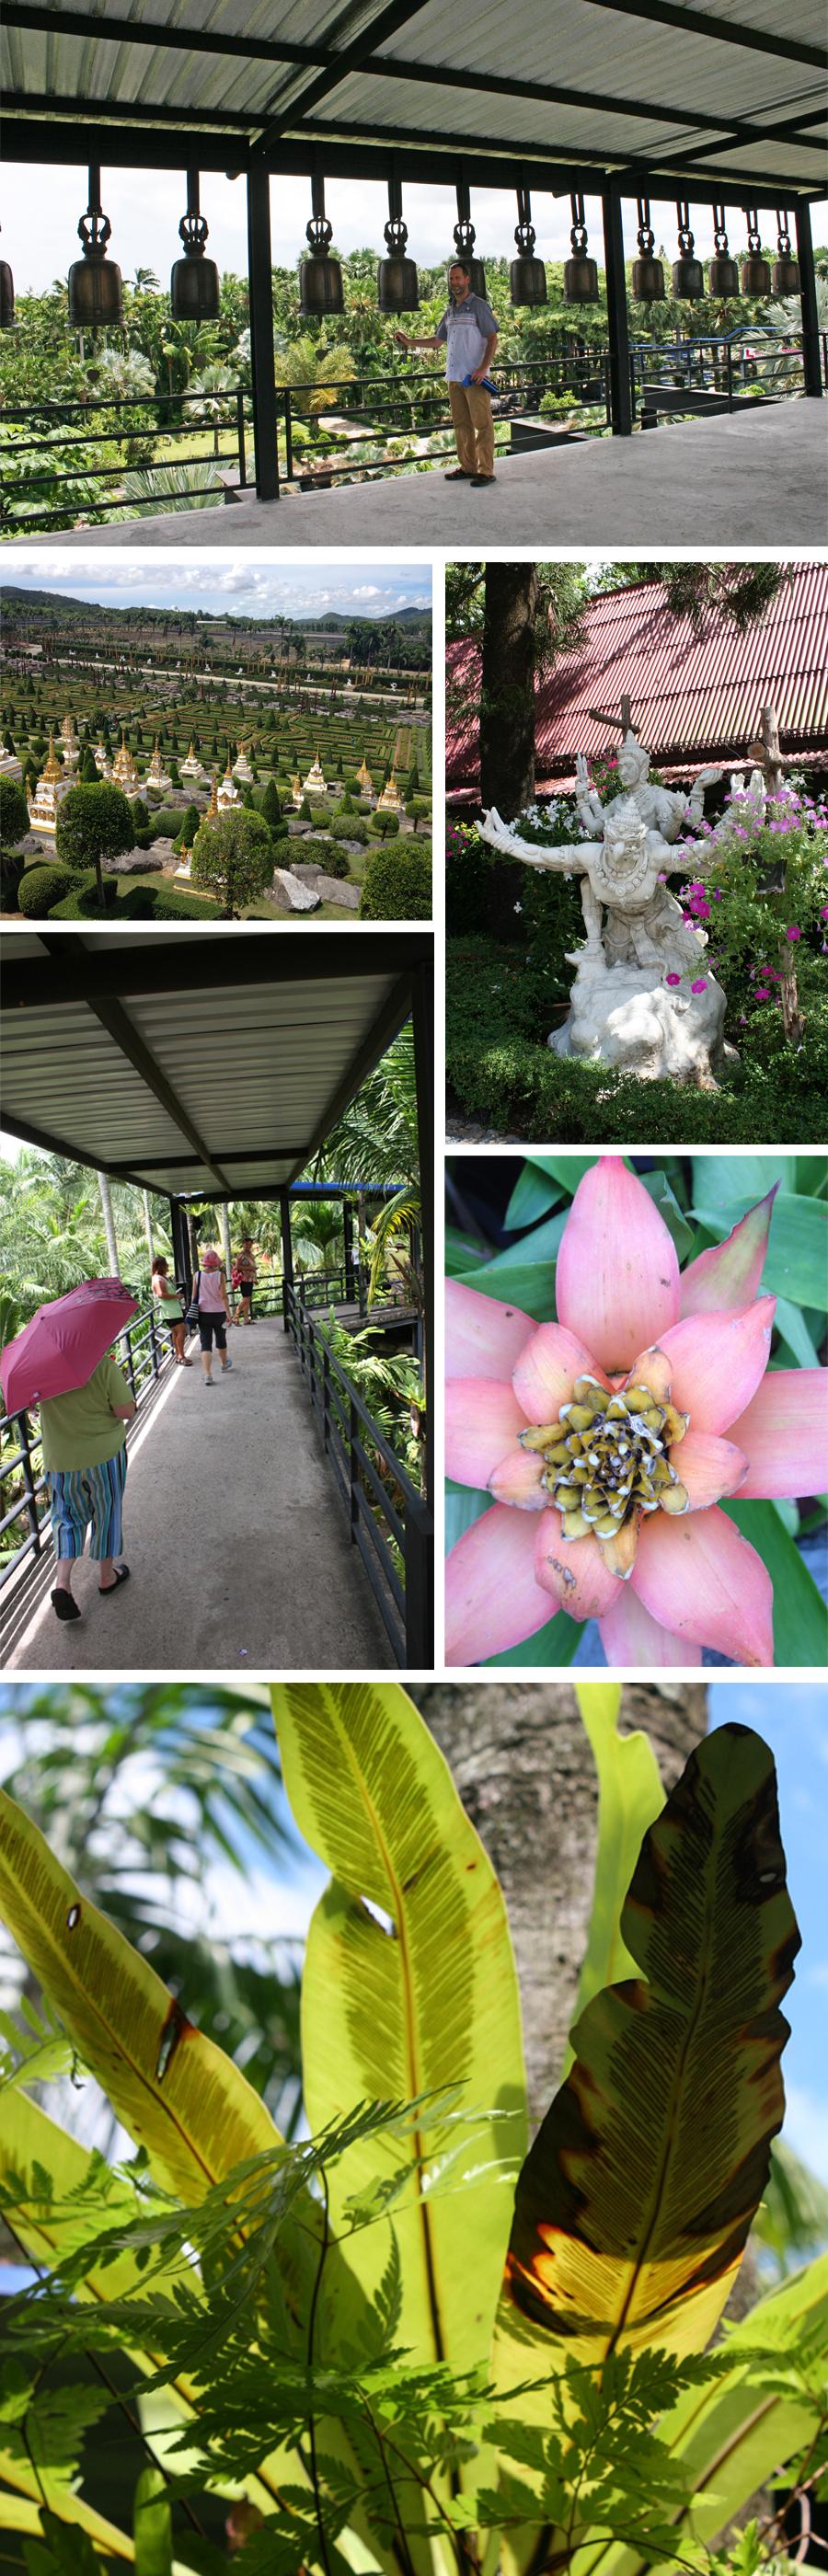 Nong Nooch Flowers 3